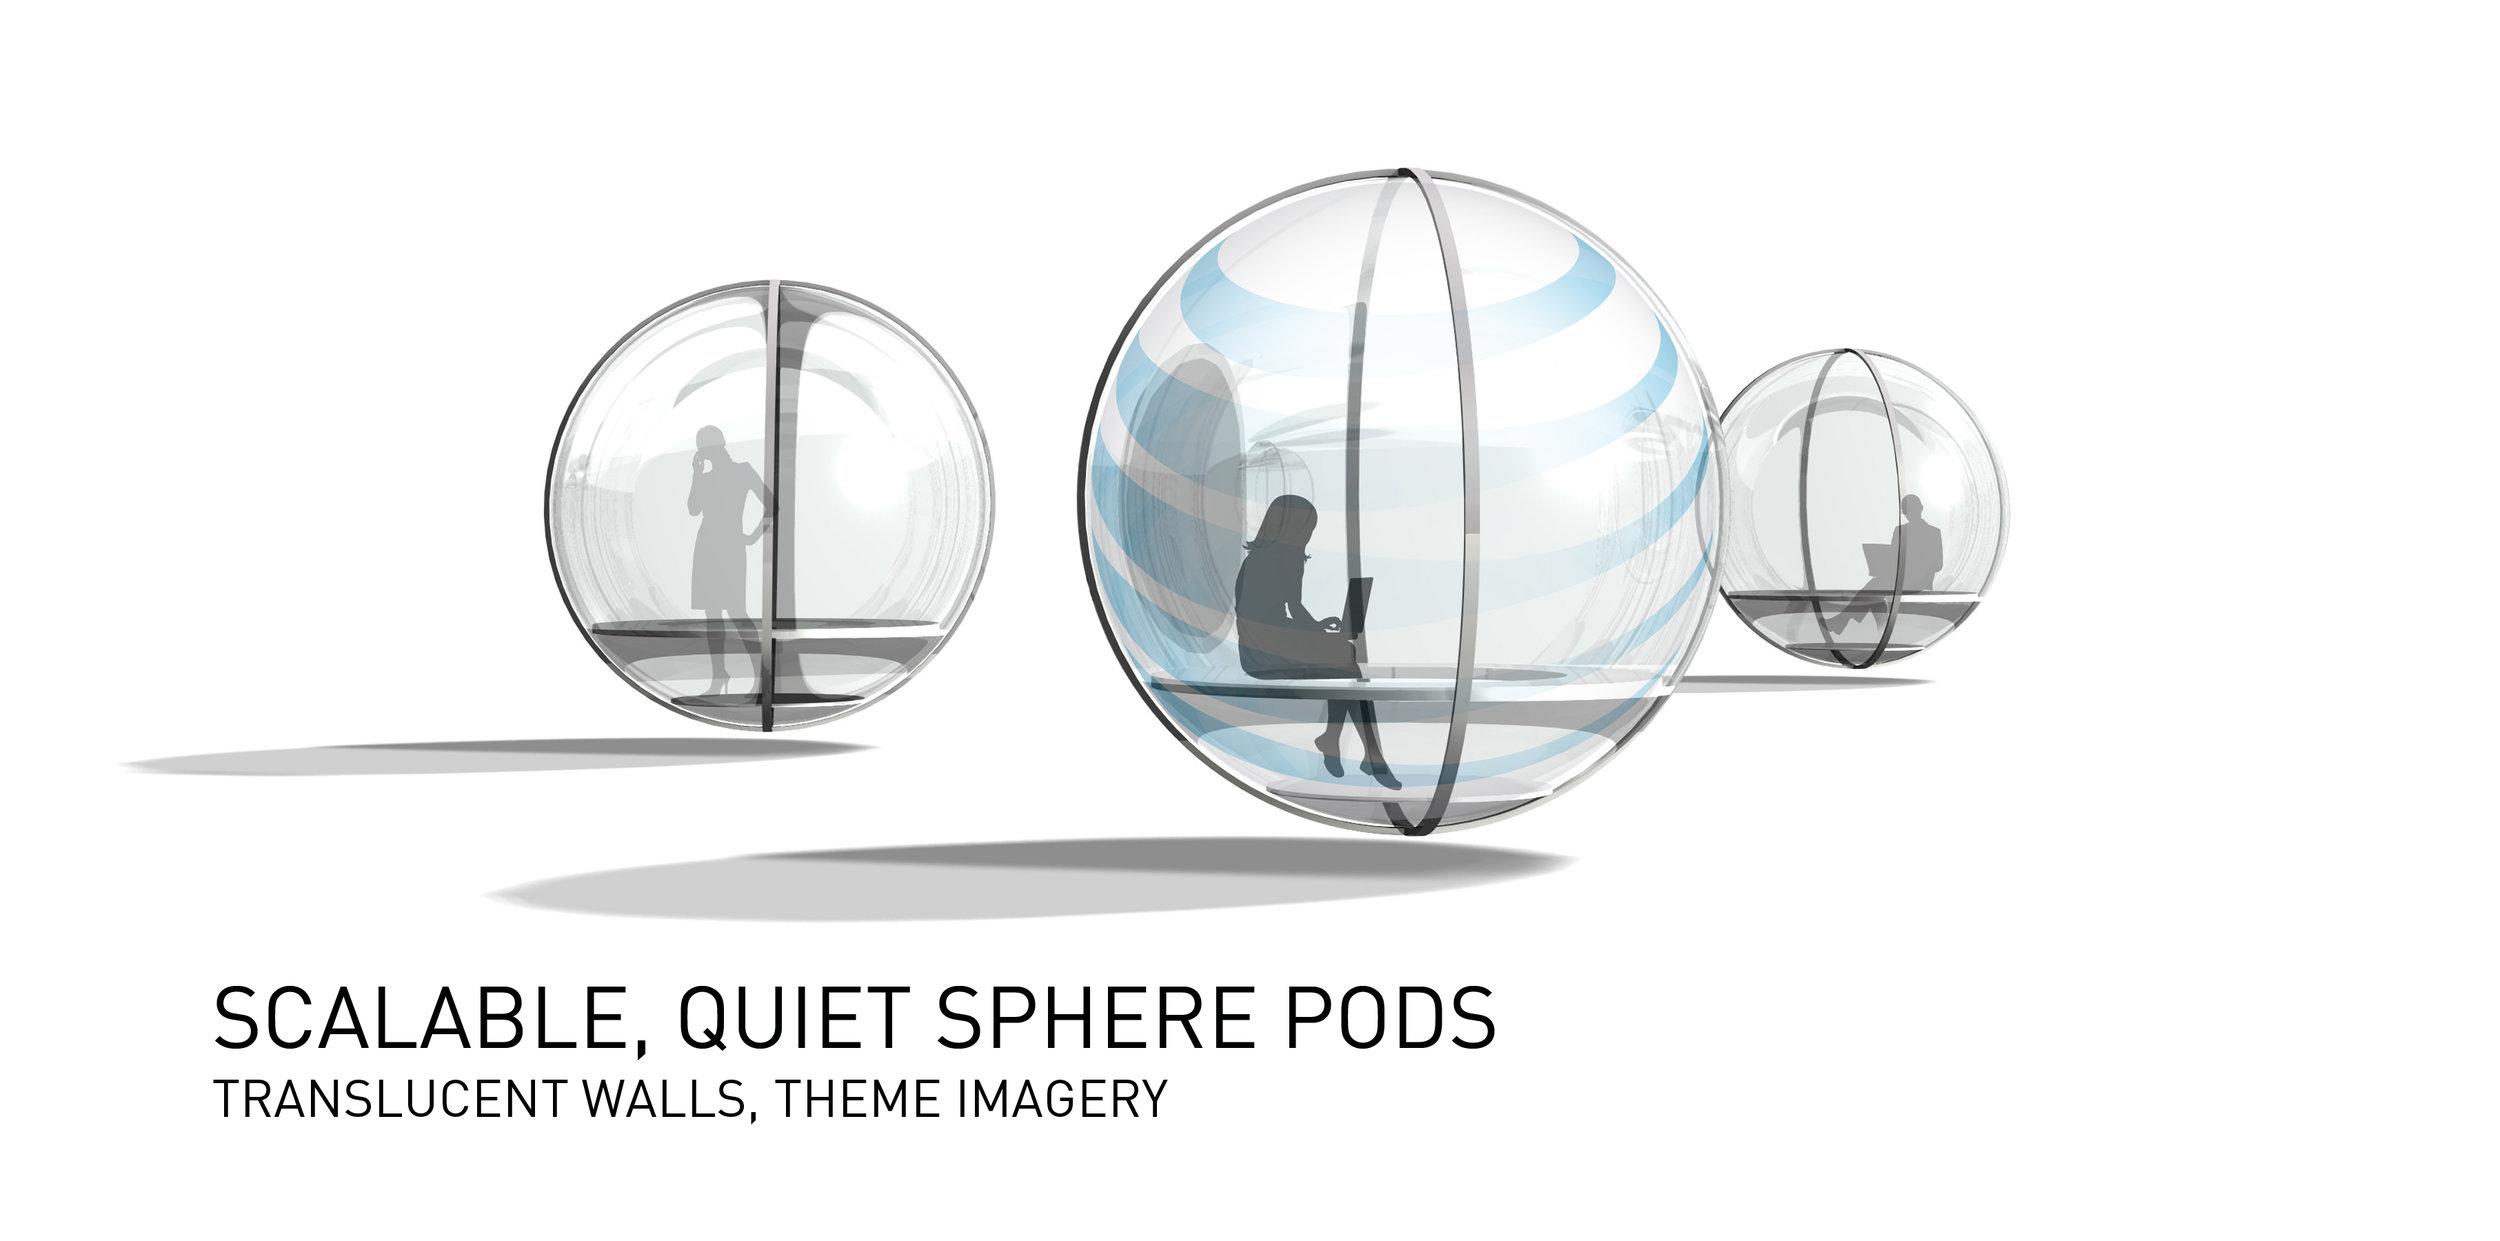 SphereRooms.jpg